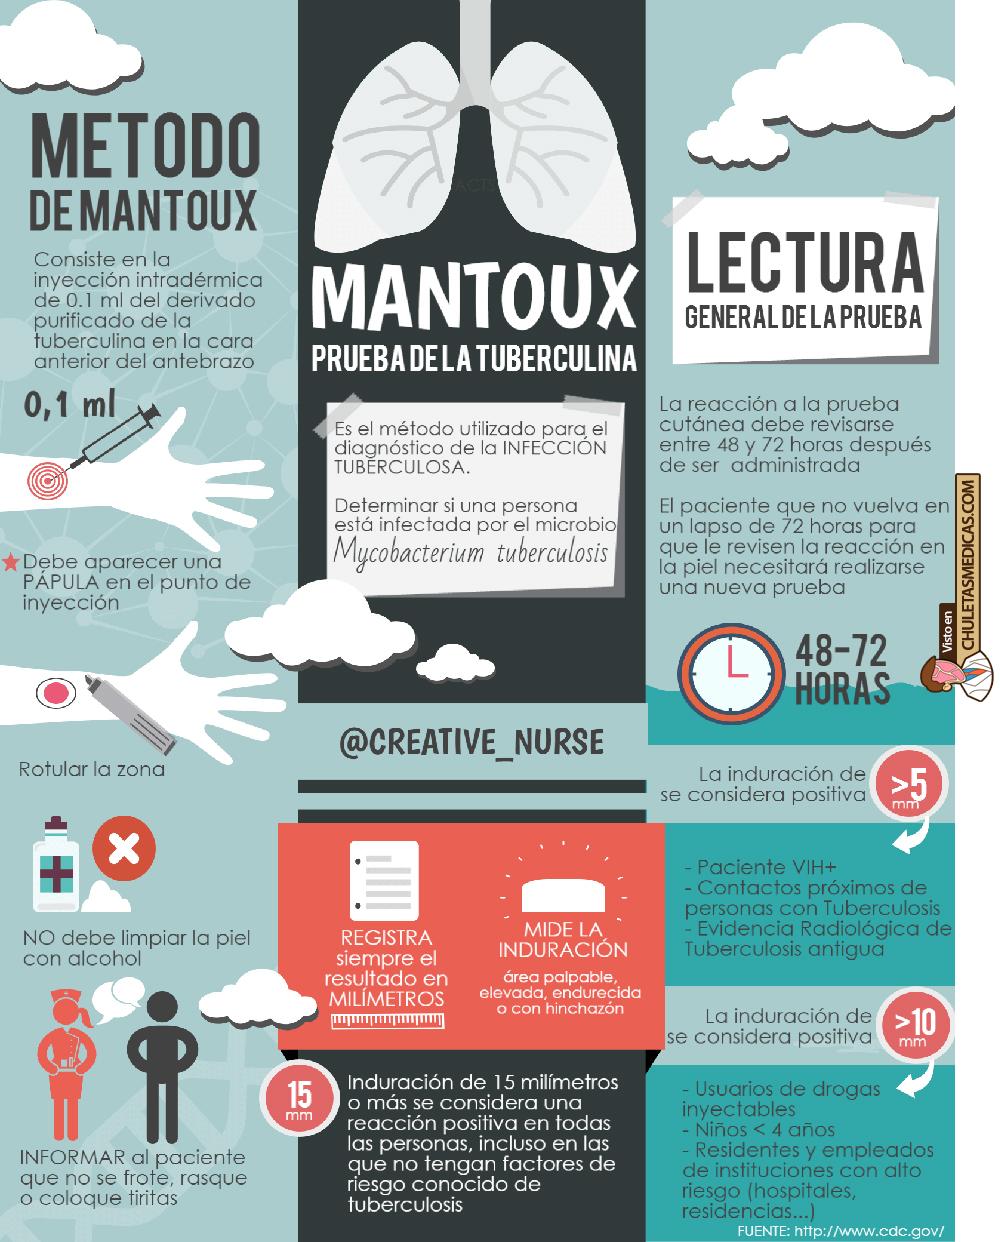 ¿Qué debes saber sobre el Mantoux o Prueba de la Tuberculina? chuleta